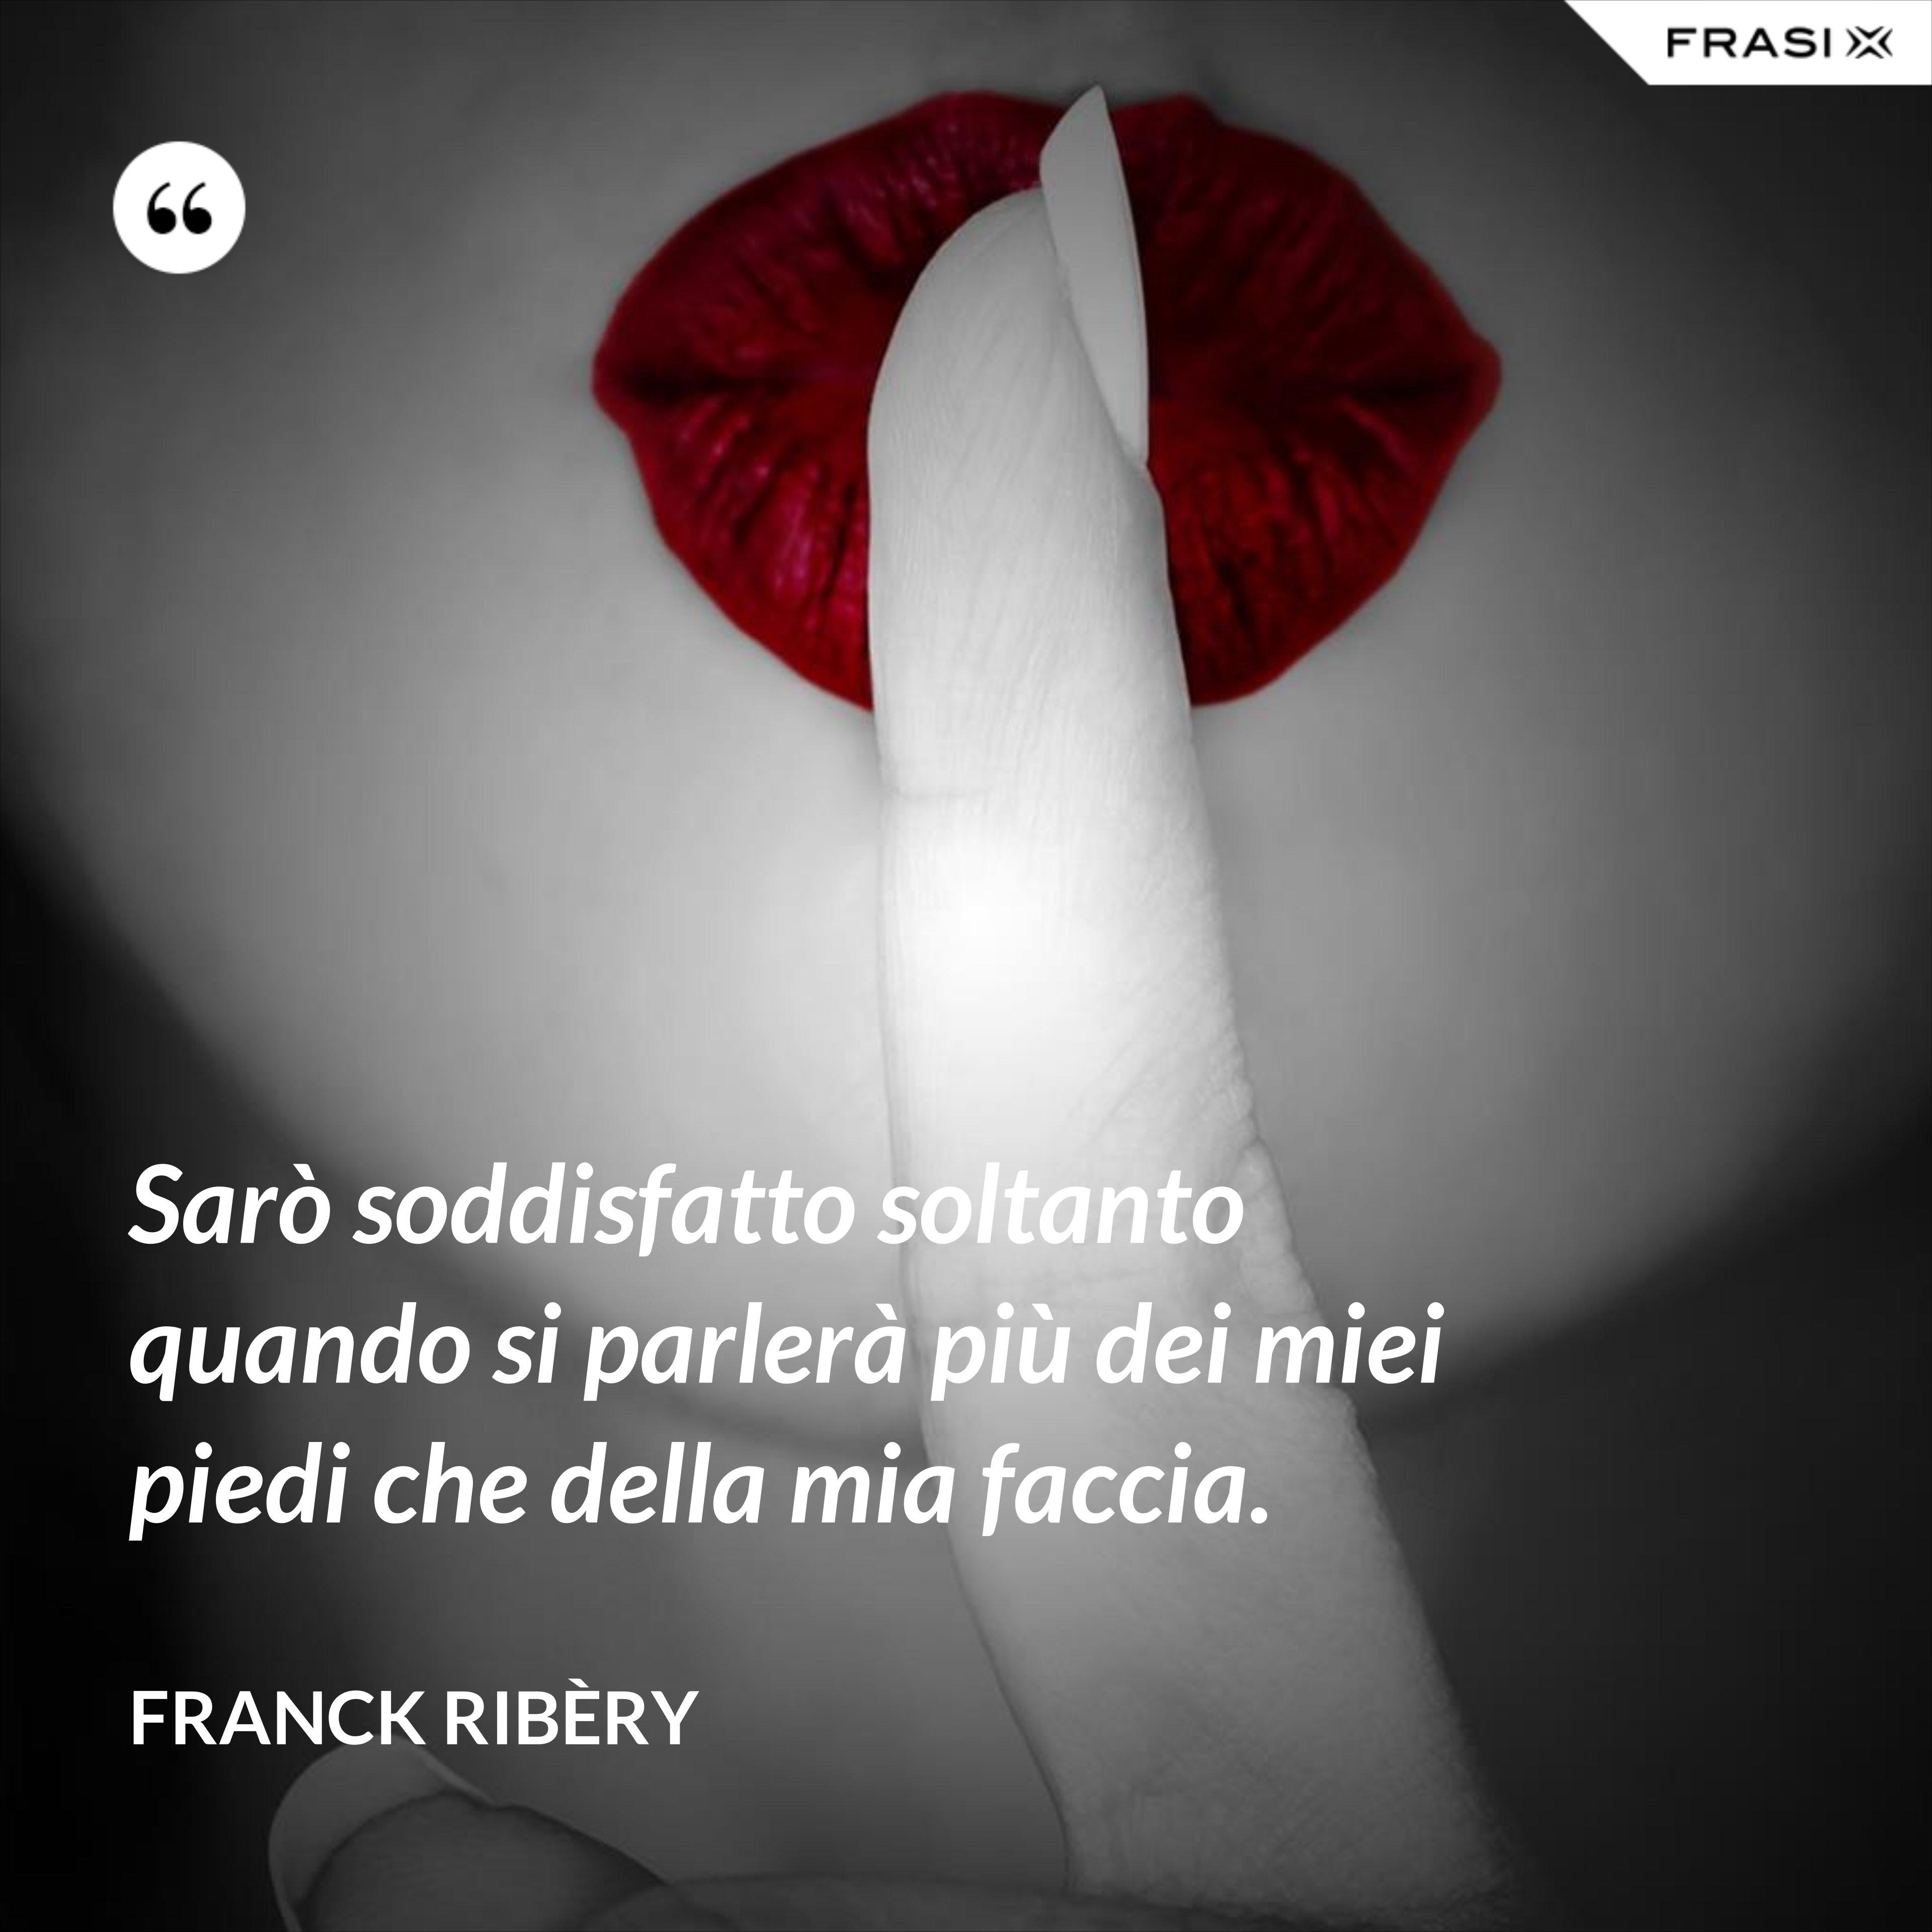 Sarò soddisfatto soltanto quando si parlerà più dei miei piedi che della mia faccia. - Franck Ribèry